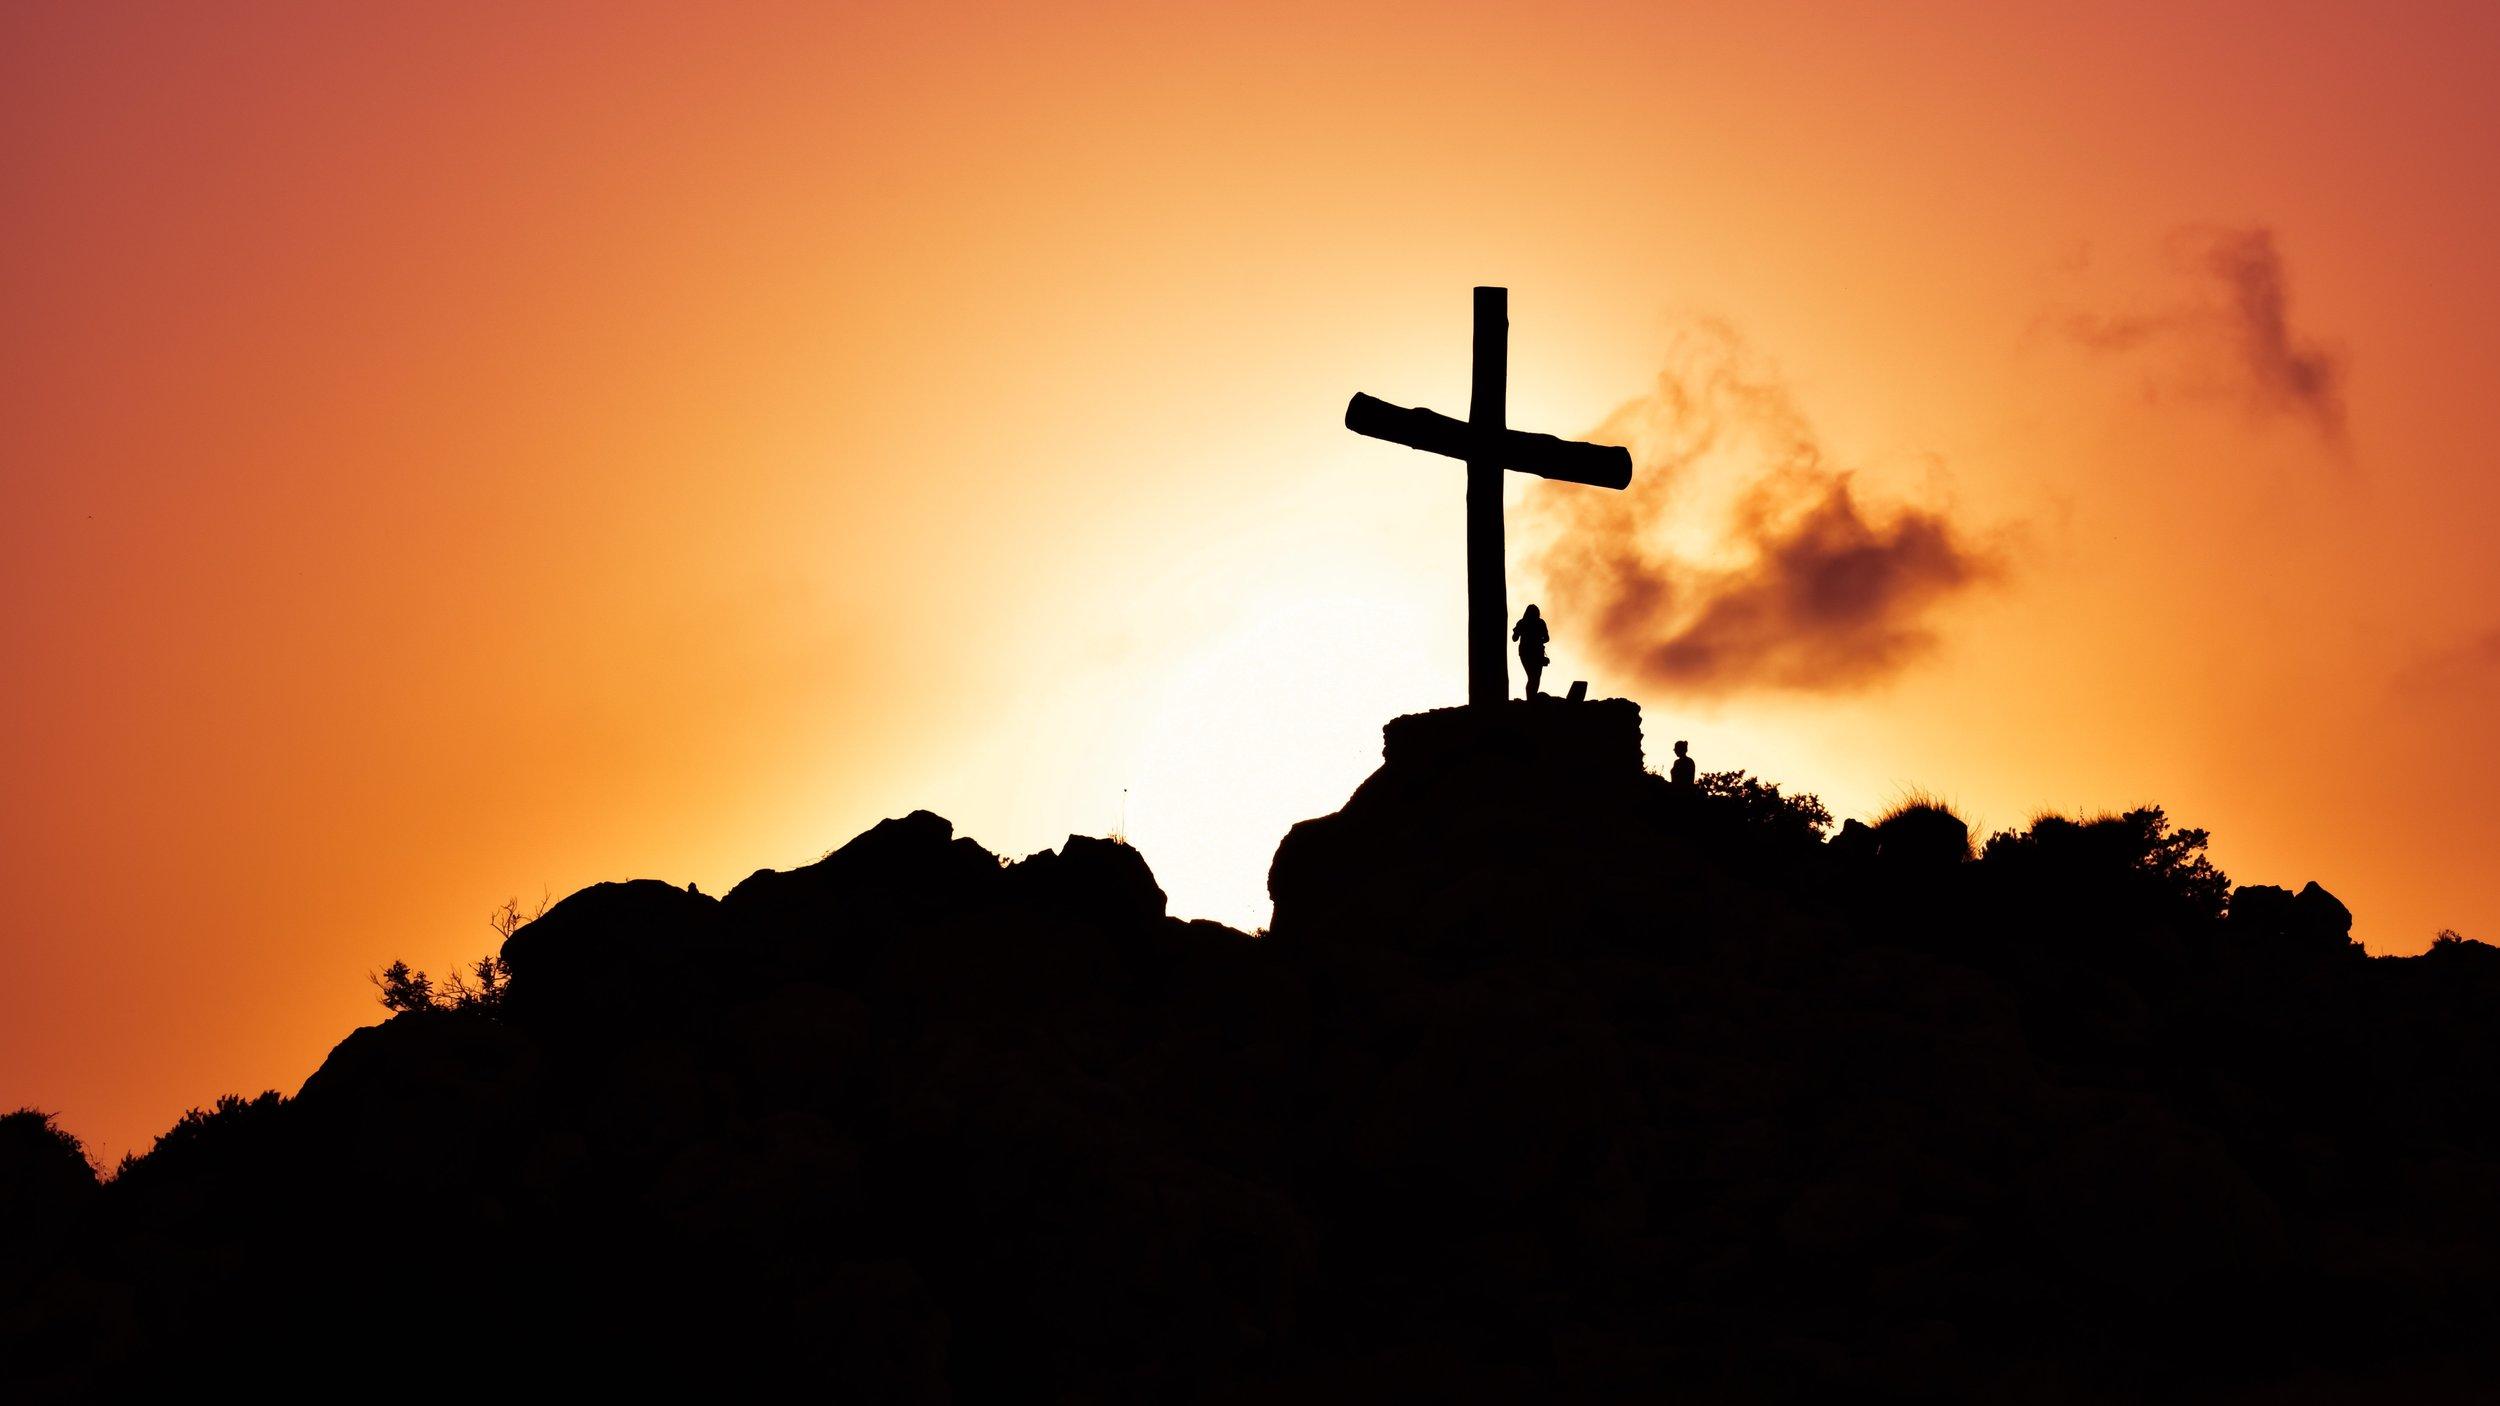 backlit-cemetery-christianity-415571.jpg